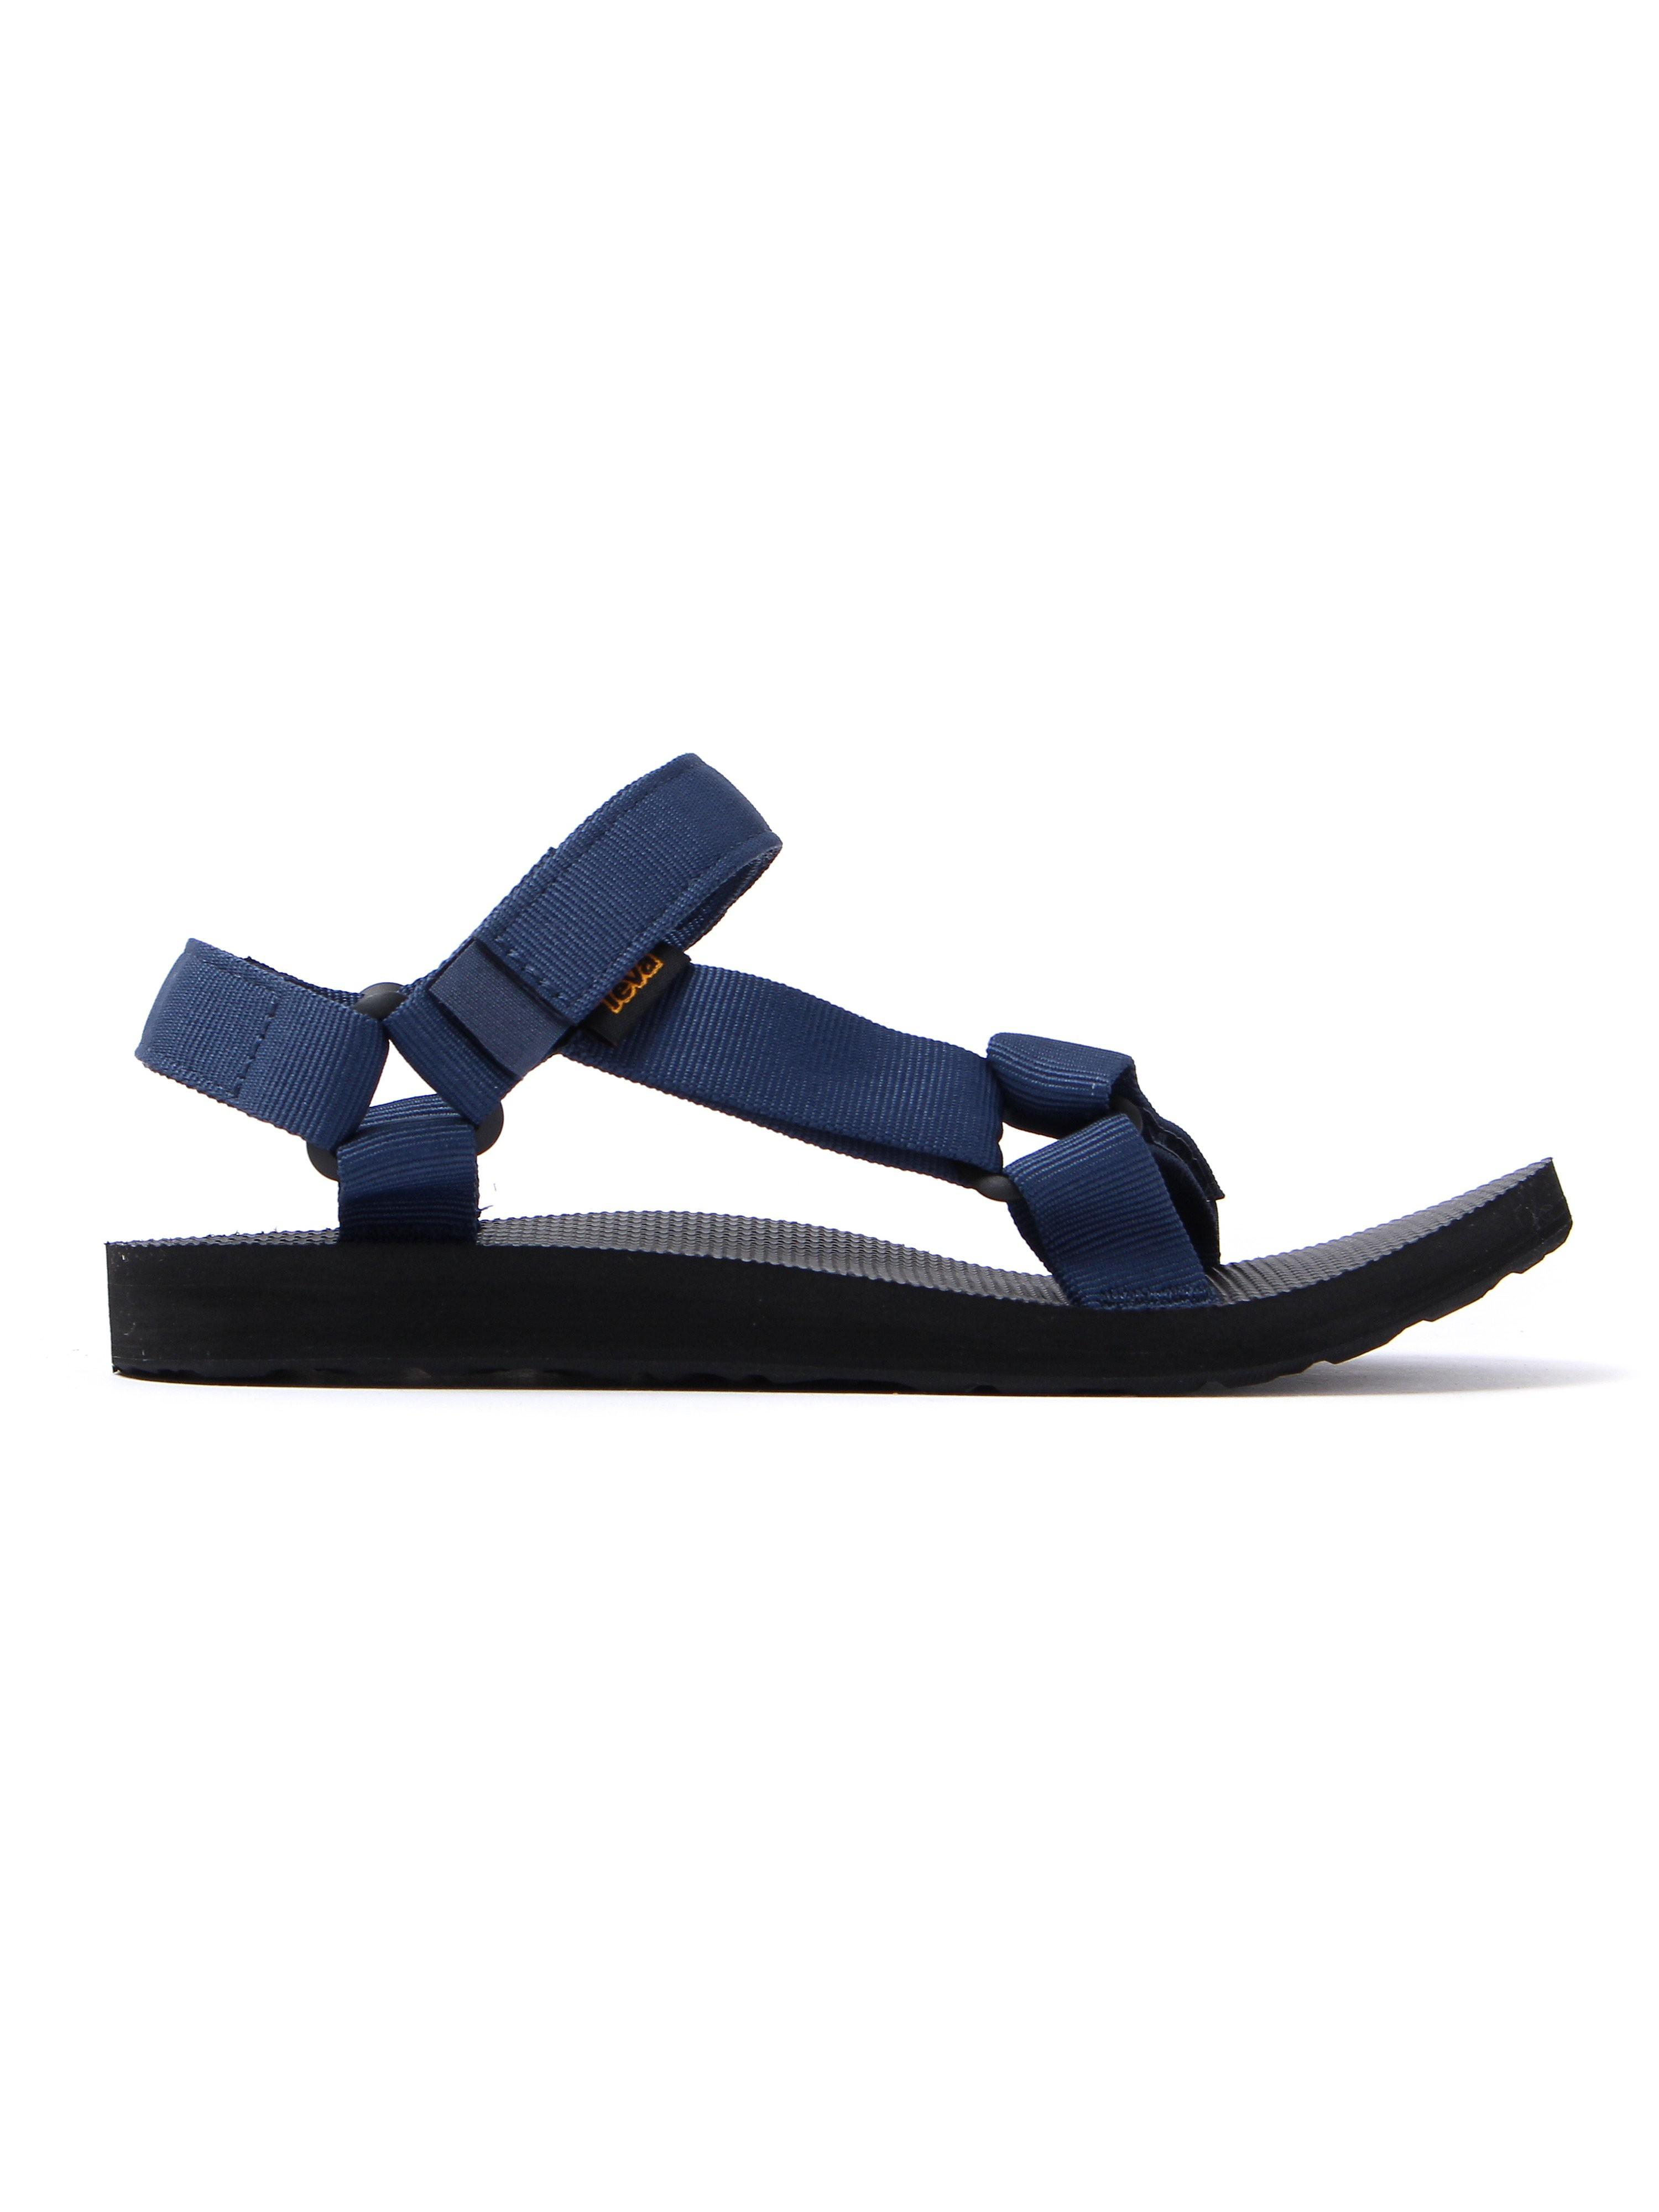 Teva Women's Original Universal Sandals - Navy